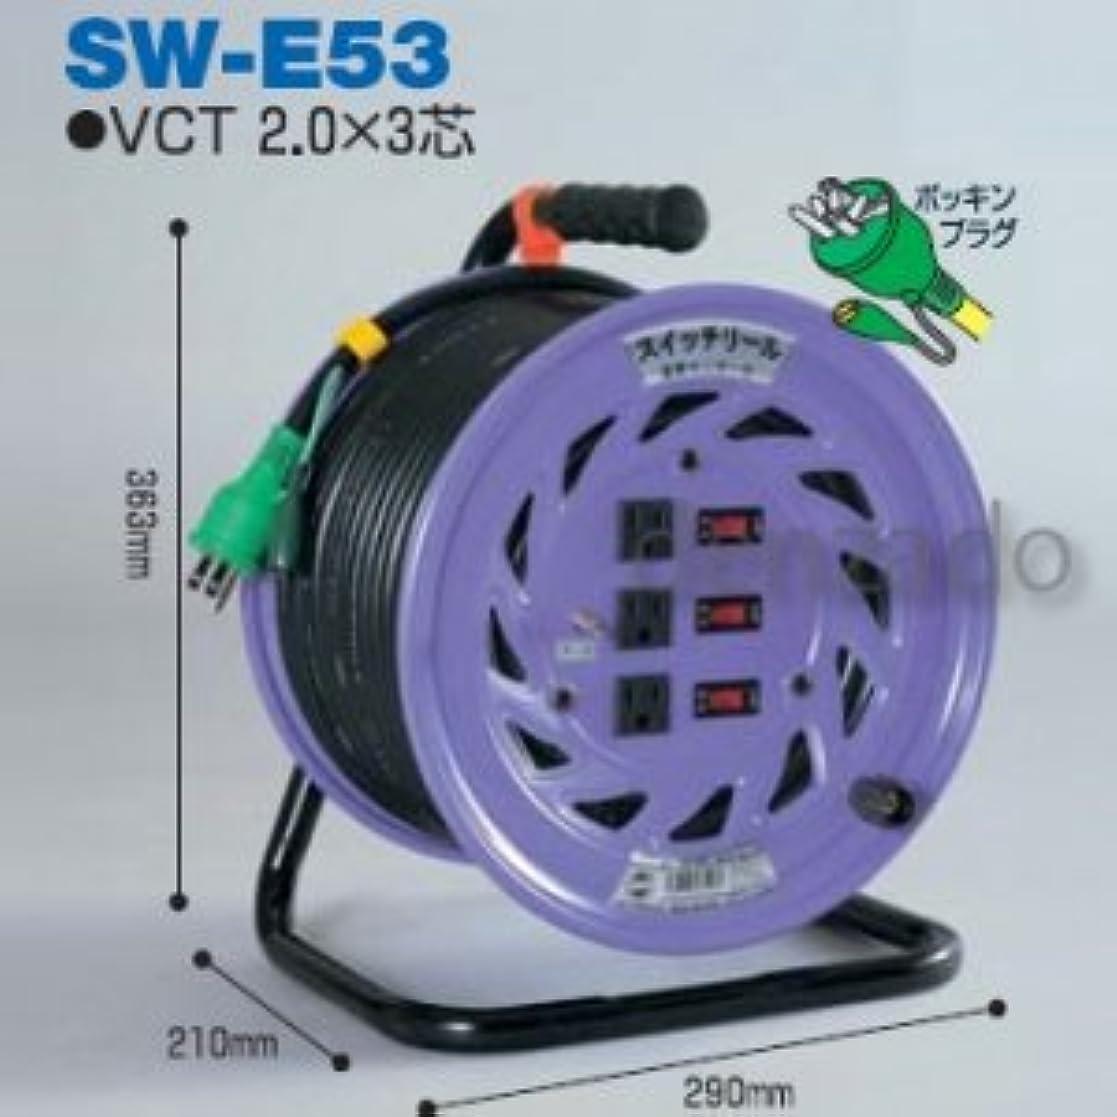 つぶやきシャット教義日動工業 スイッチリール 屋内型 アース付 接地 2P 15A 125V コンセント数:3 長さ50m VCT2.0×3 自動復帰型温度センサー付 SW-E53